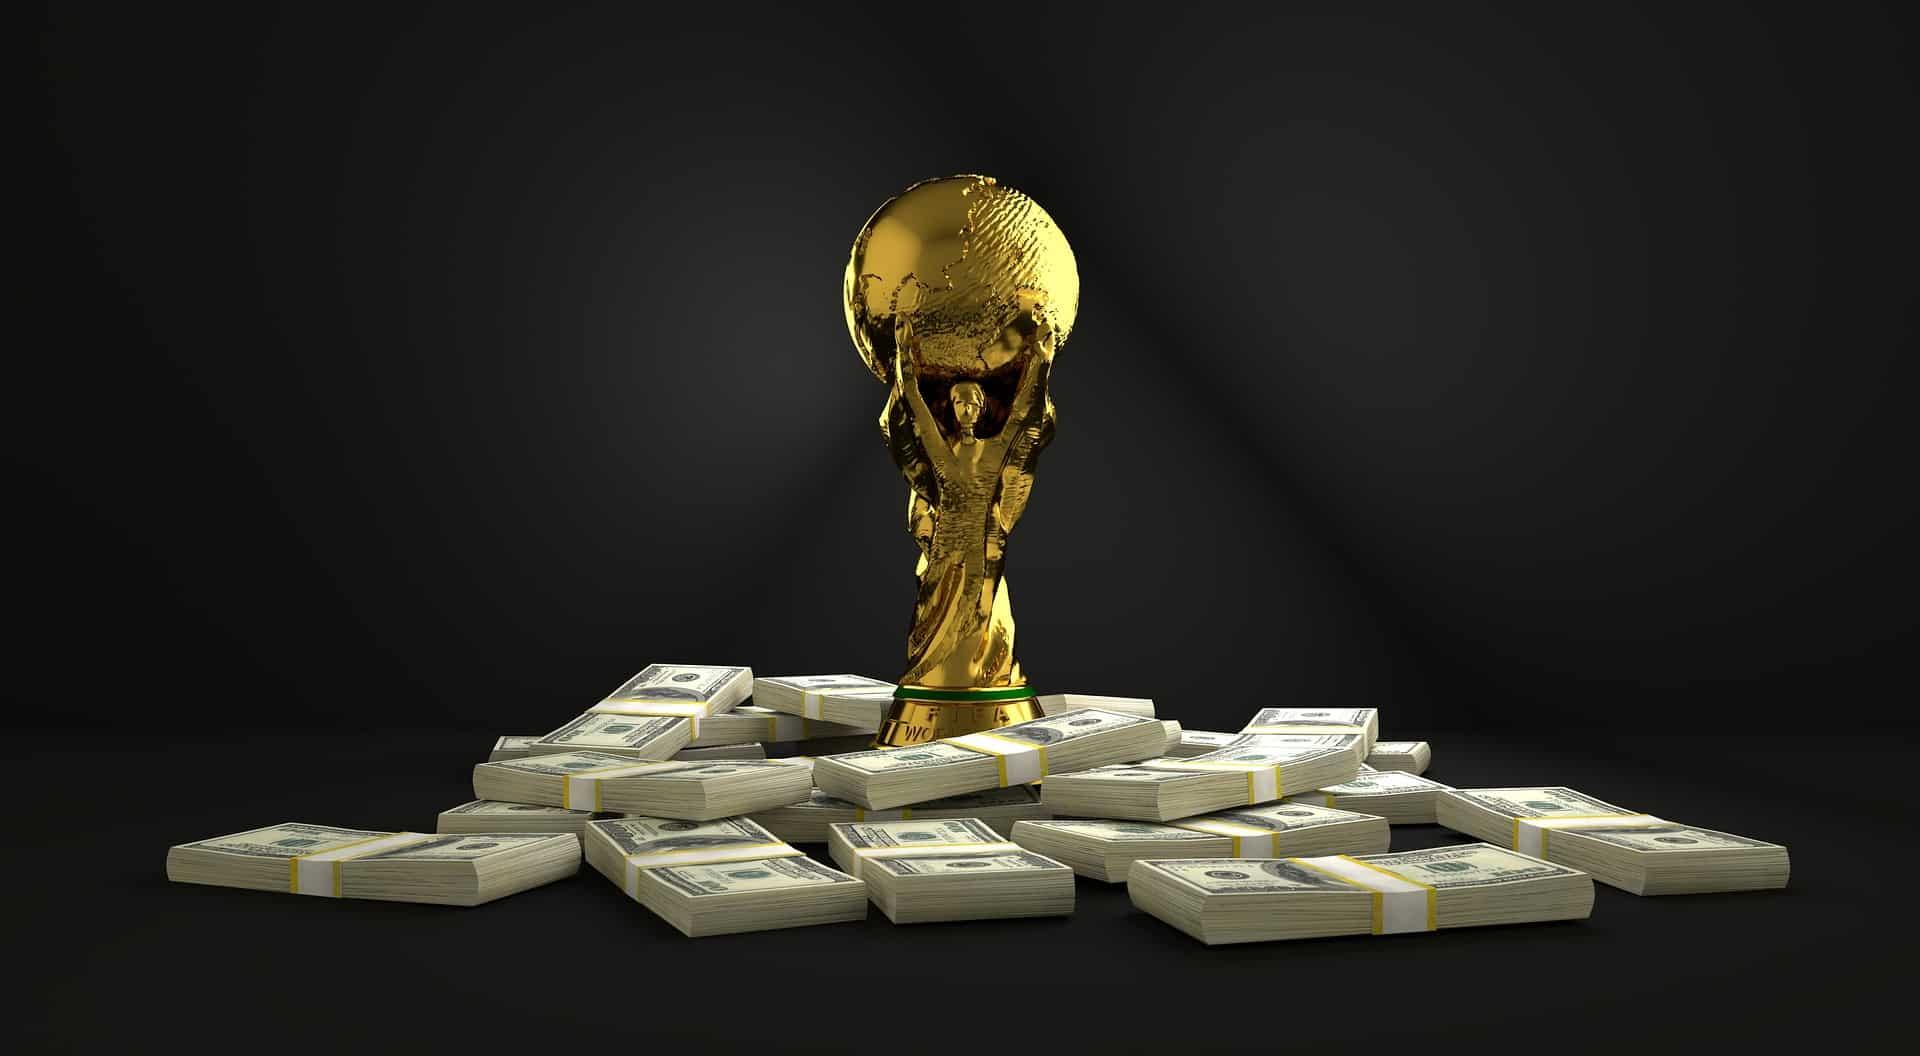 מי תזכה בגביע העולמי? צילום אילוסטרציה